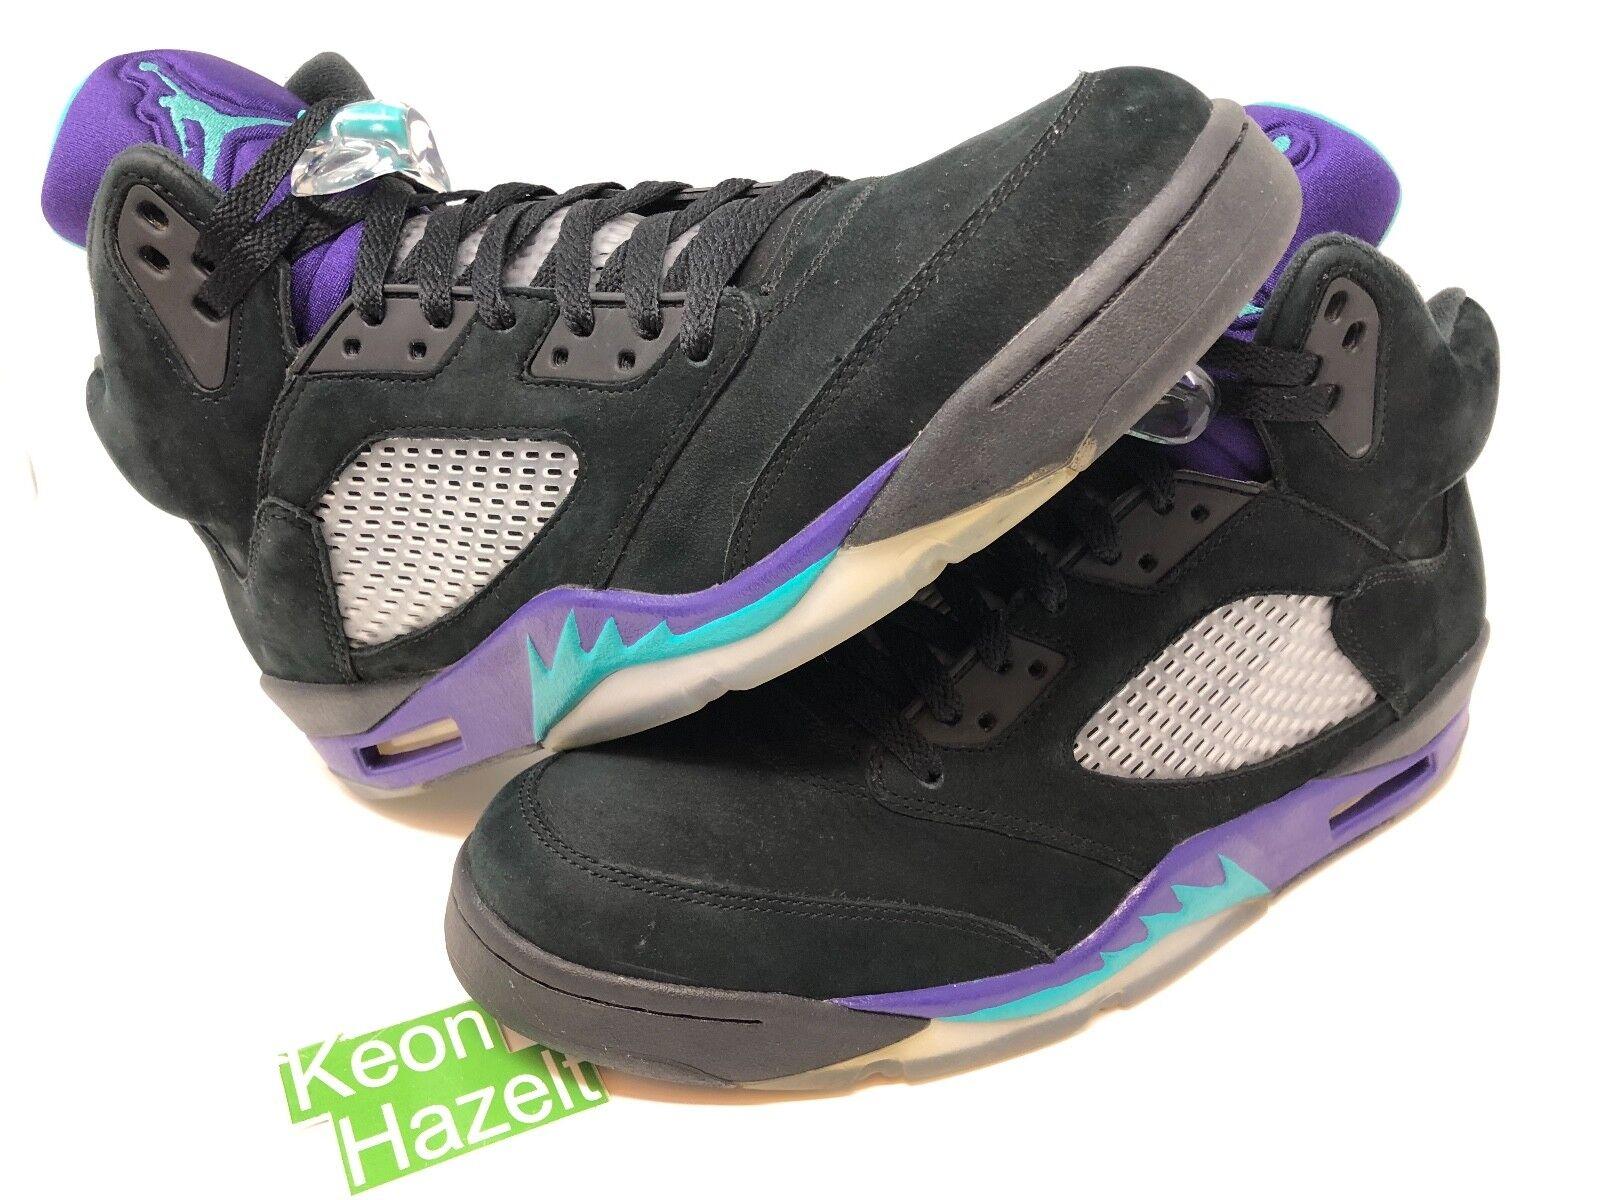 78bae74d Nike Air Jordan 5 V Retro Black Grape Belair Oreo Cement Bred Fear Pack Sz  12